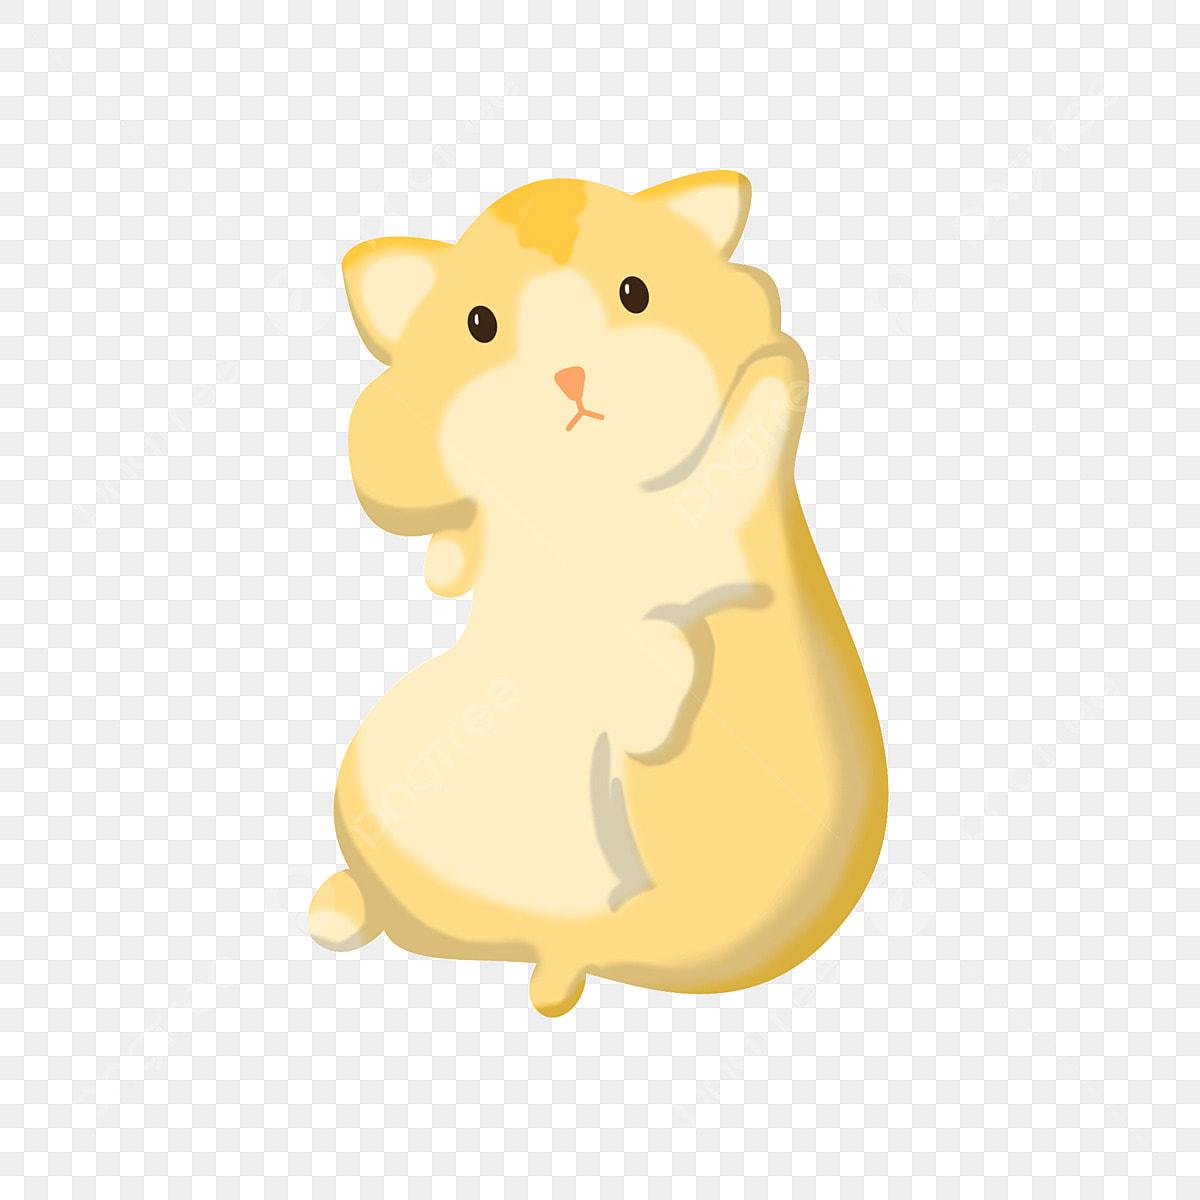 Dessin Anime Petite Souris Fond De Souris Mini Souris Petit Hamster Clipart Hamster Petite Souris Hamster En Herbe Fichier Png Et Psd Pour Le Telechargement Libre